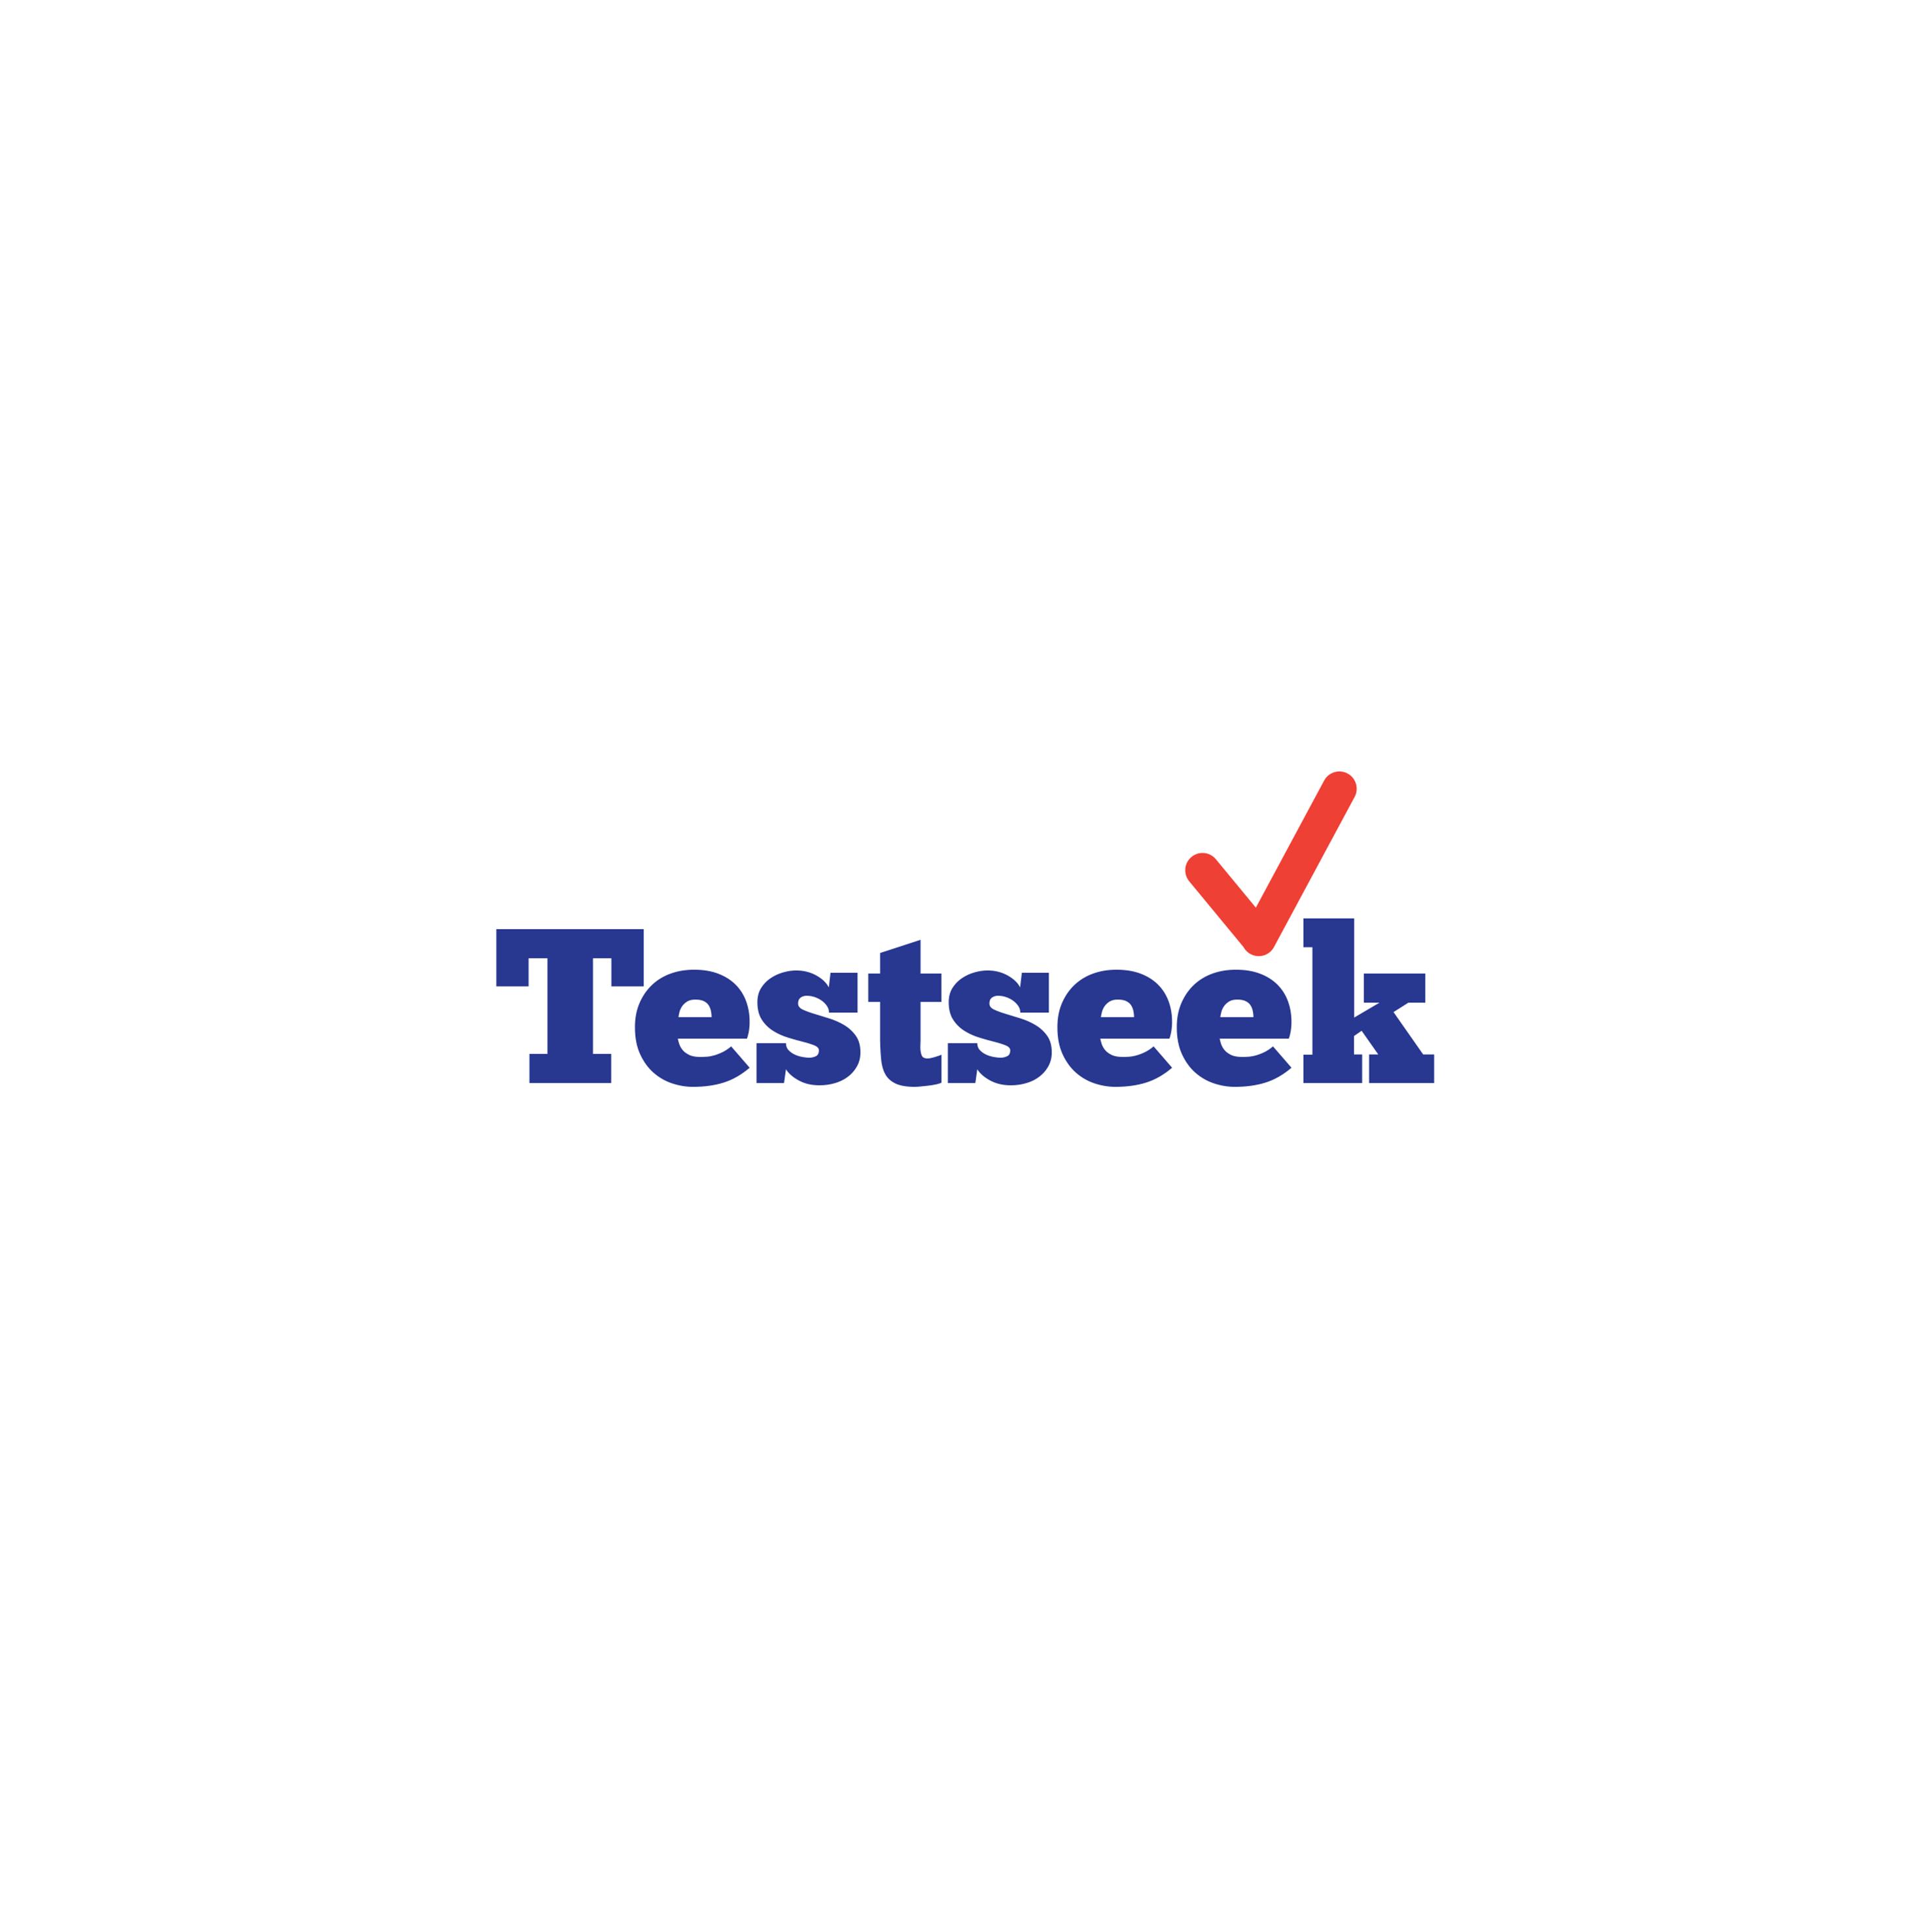 Testseek logo Design